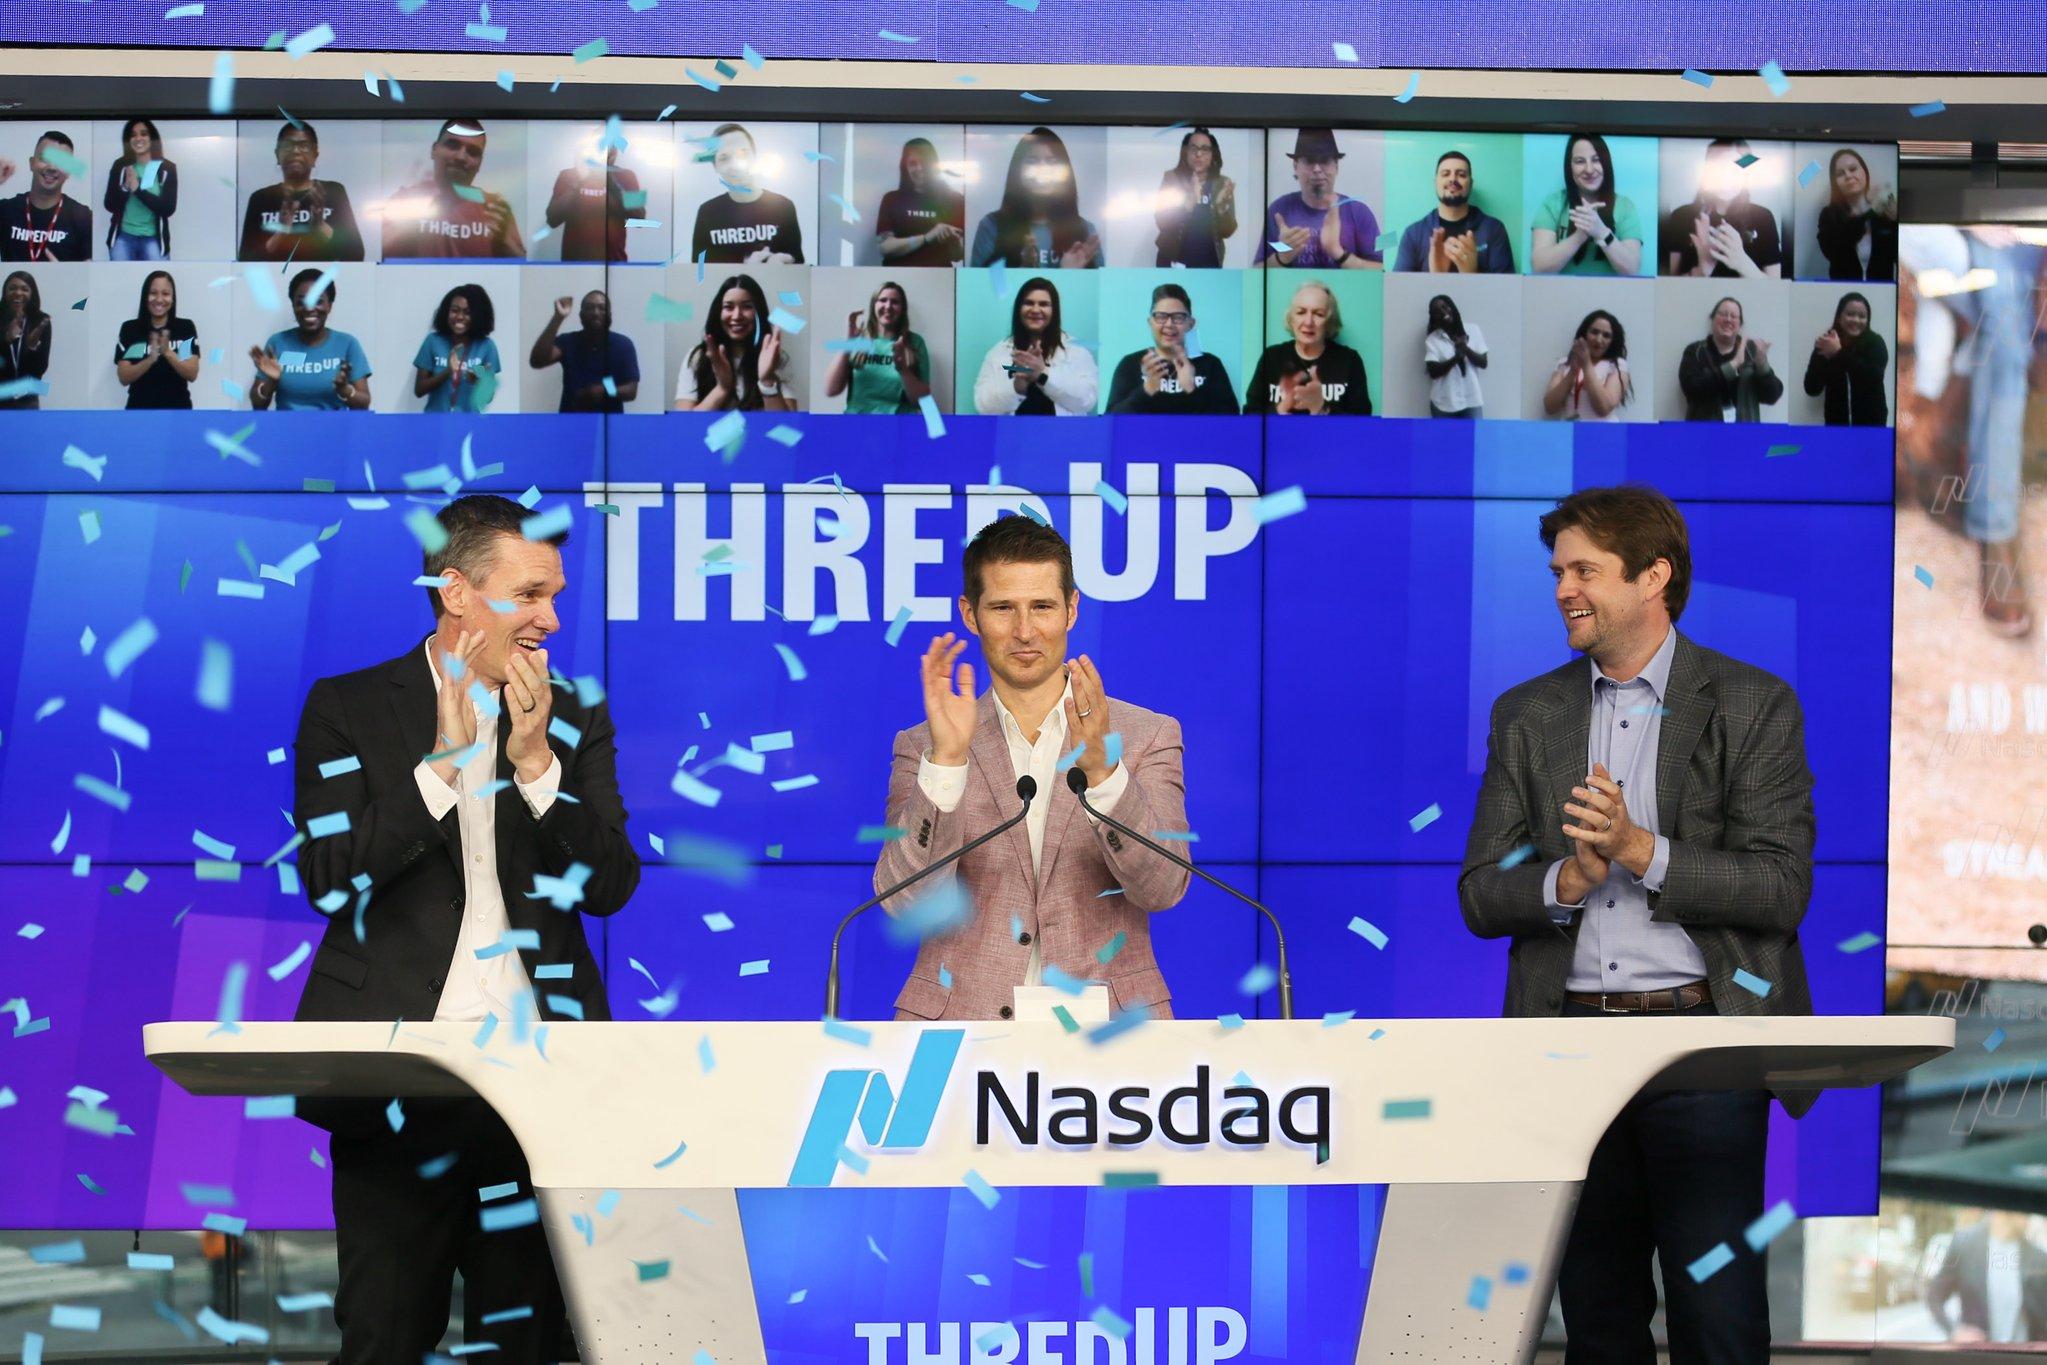 美国版闲鱼ThredUp上市:市值18亿美元,主要用于寄售二手服装